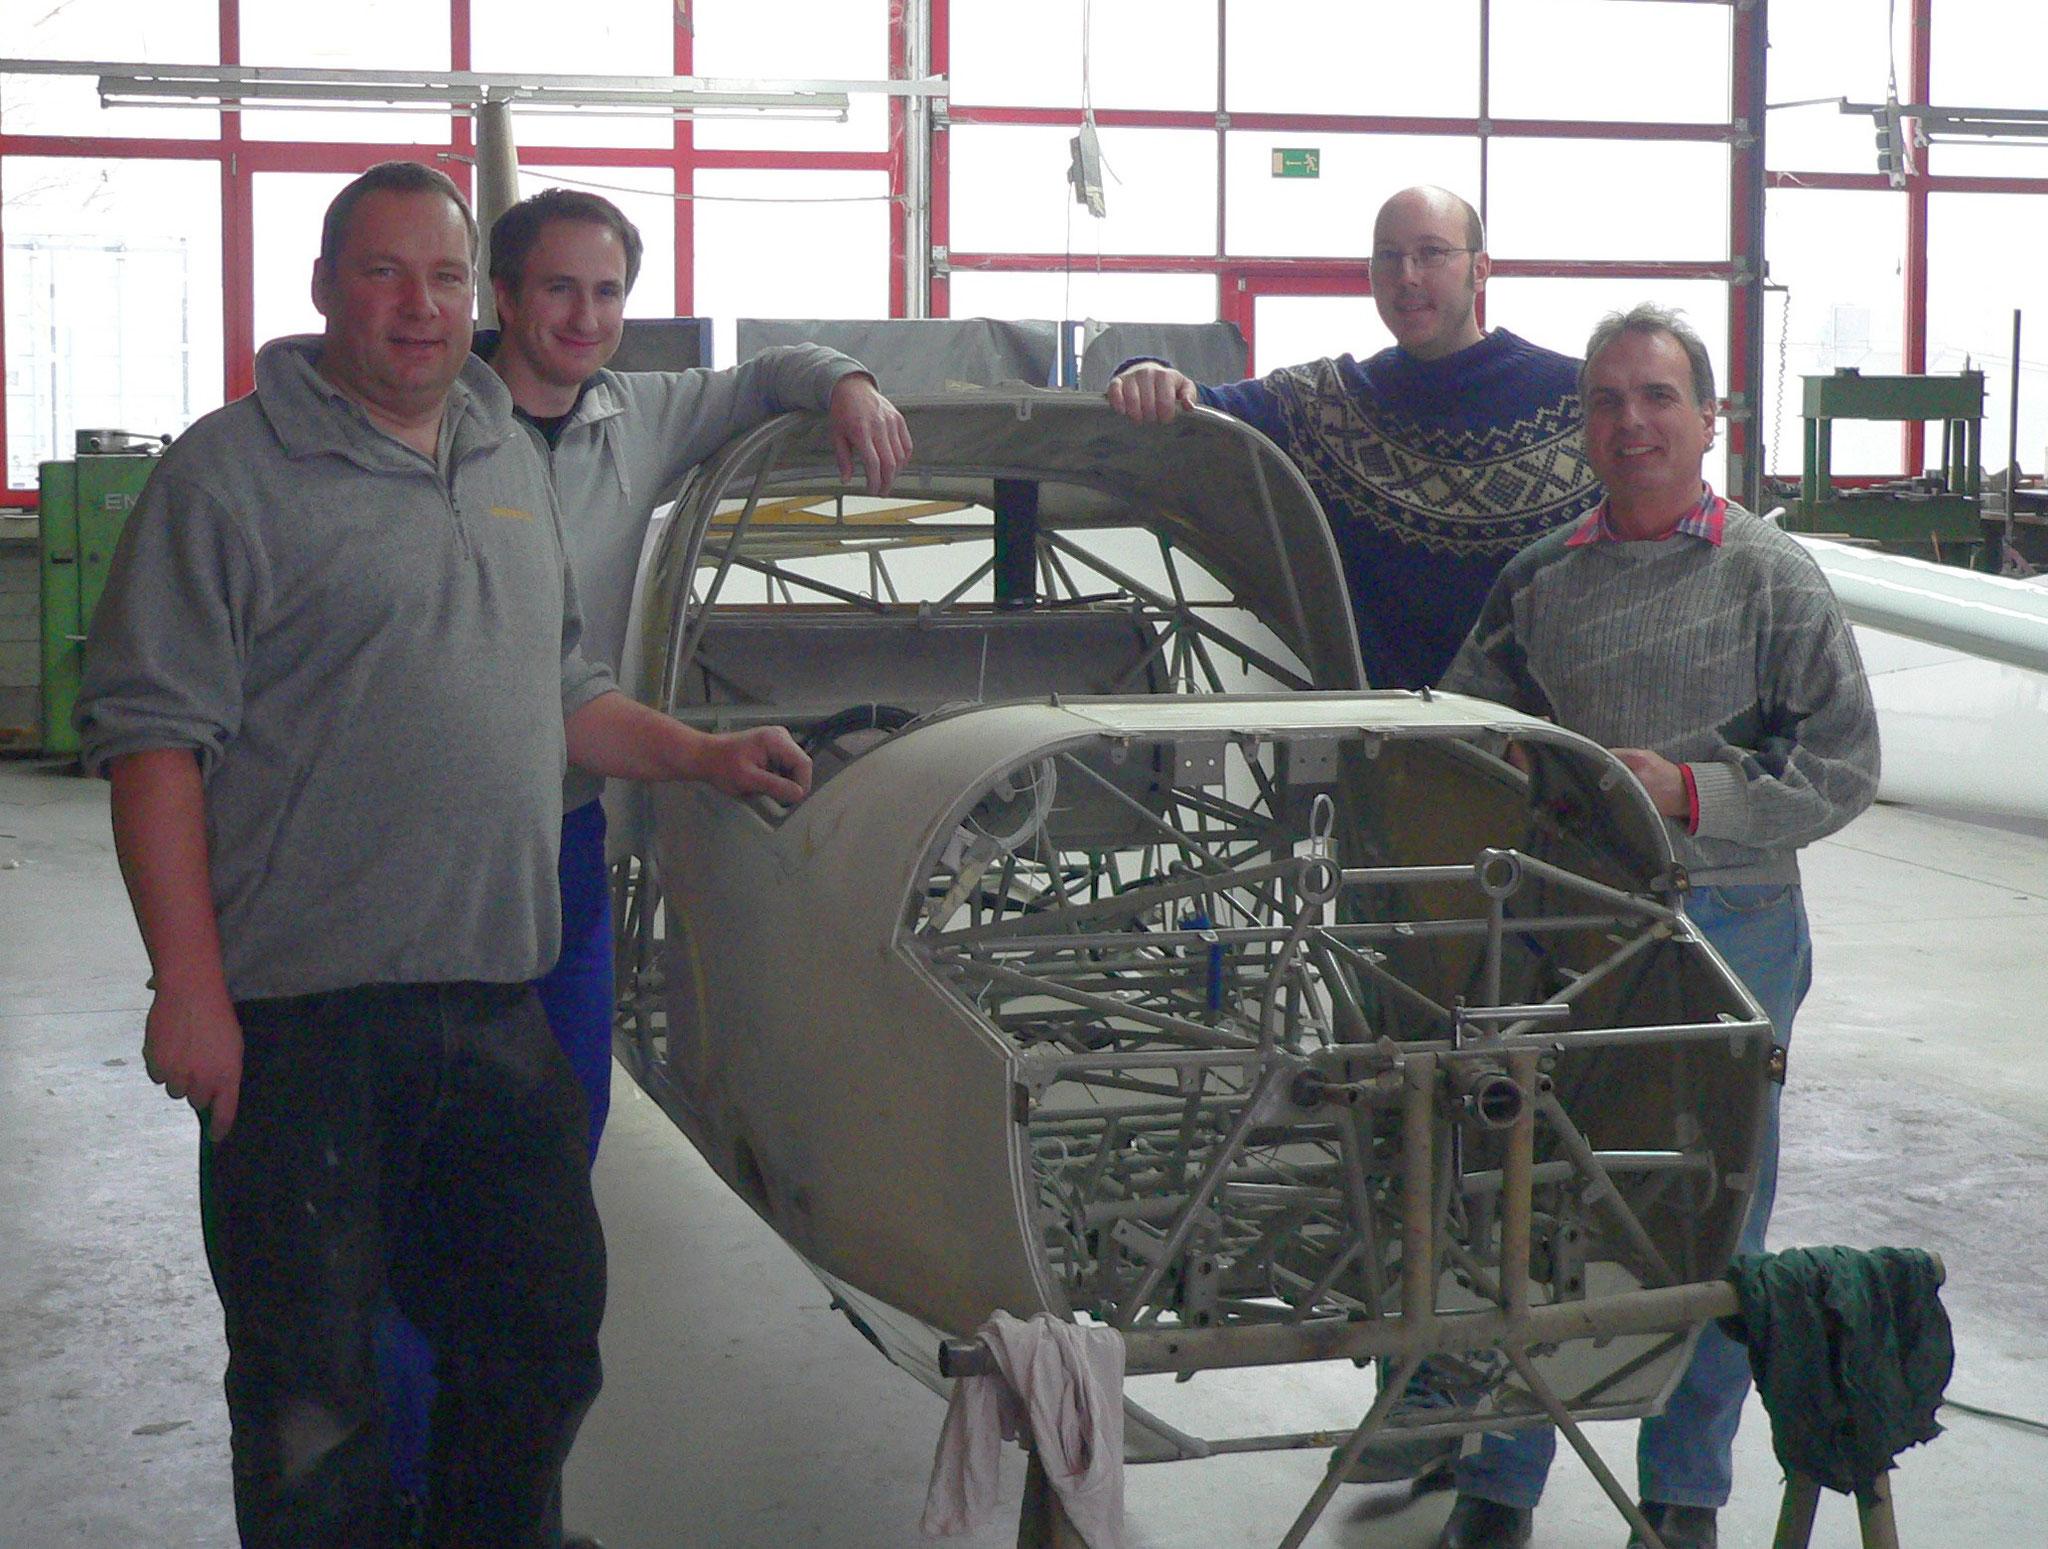 ein Teil des erfolgreichen Arbeitsteams: Jörg, Thomas H., Markus, Thomas F.  (v.l.)